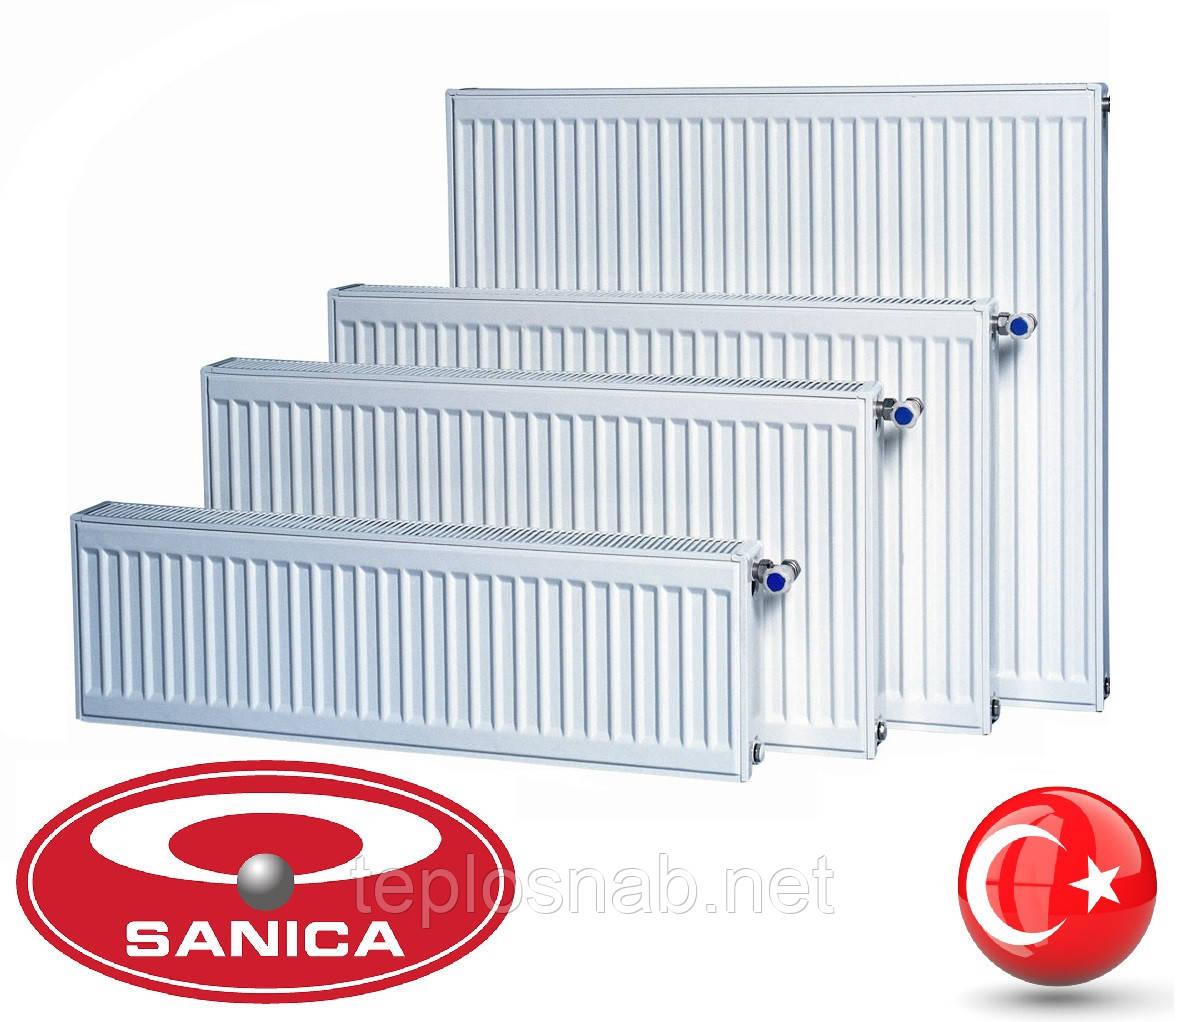 Стальной радиатор Sanica 22 тип (500 х 1300 мм) / 2508 Вт